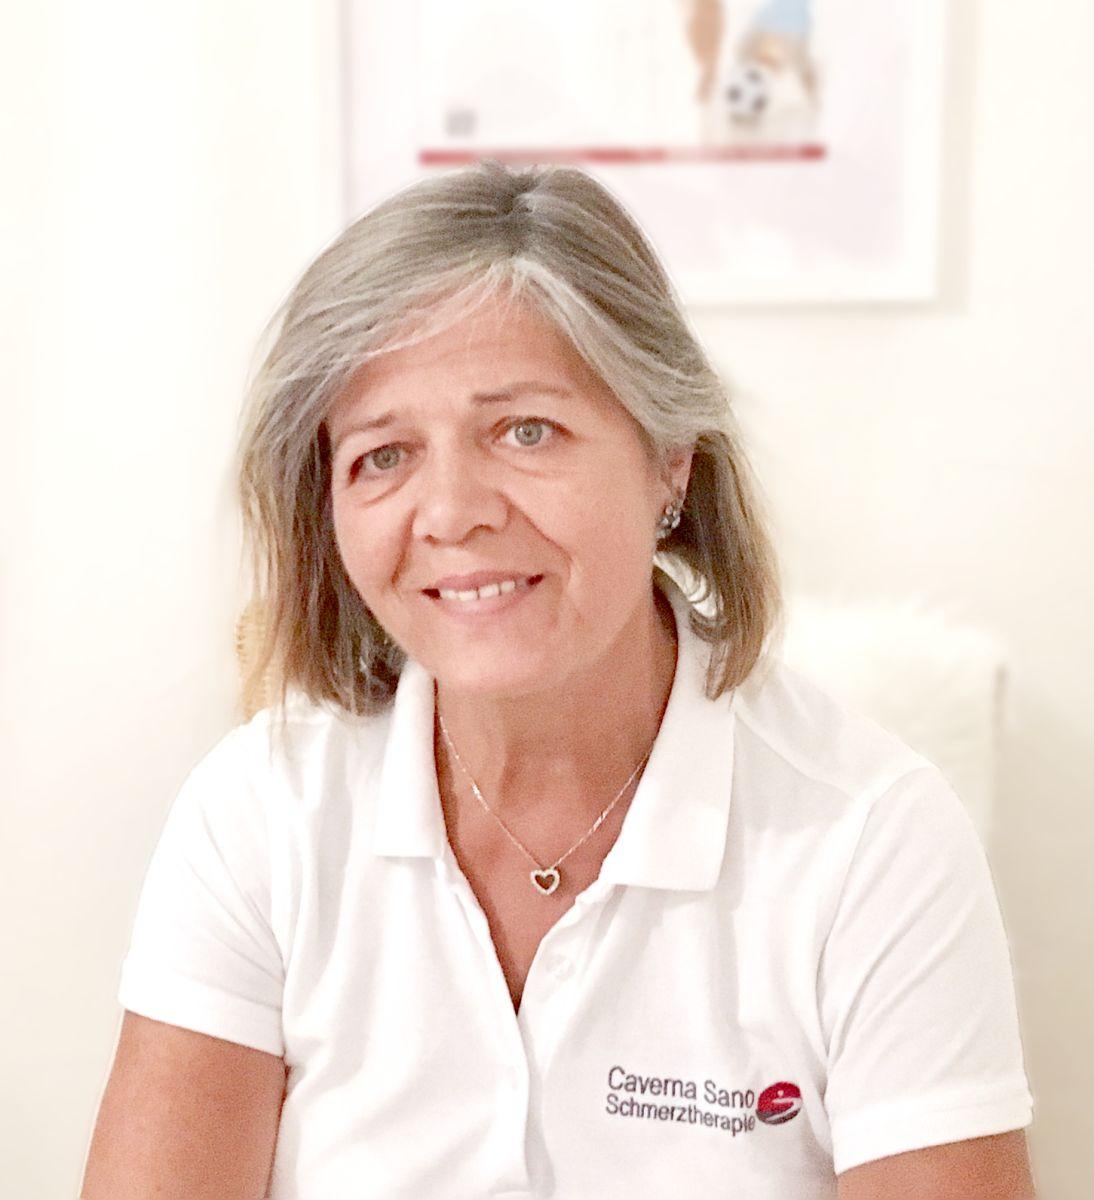 Claudie Klein hat mittellange grau-braune Haare und sitzt vor einem hellen Hintergrund mit einem Poster. Sie trägt ein weißes Polo T-Shirt und eine silberne Kette.